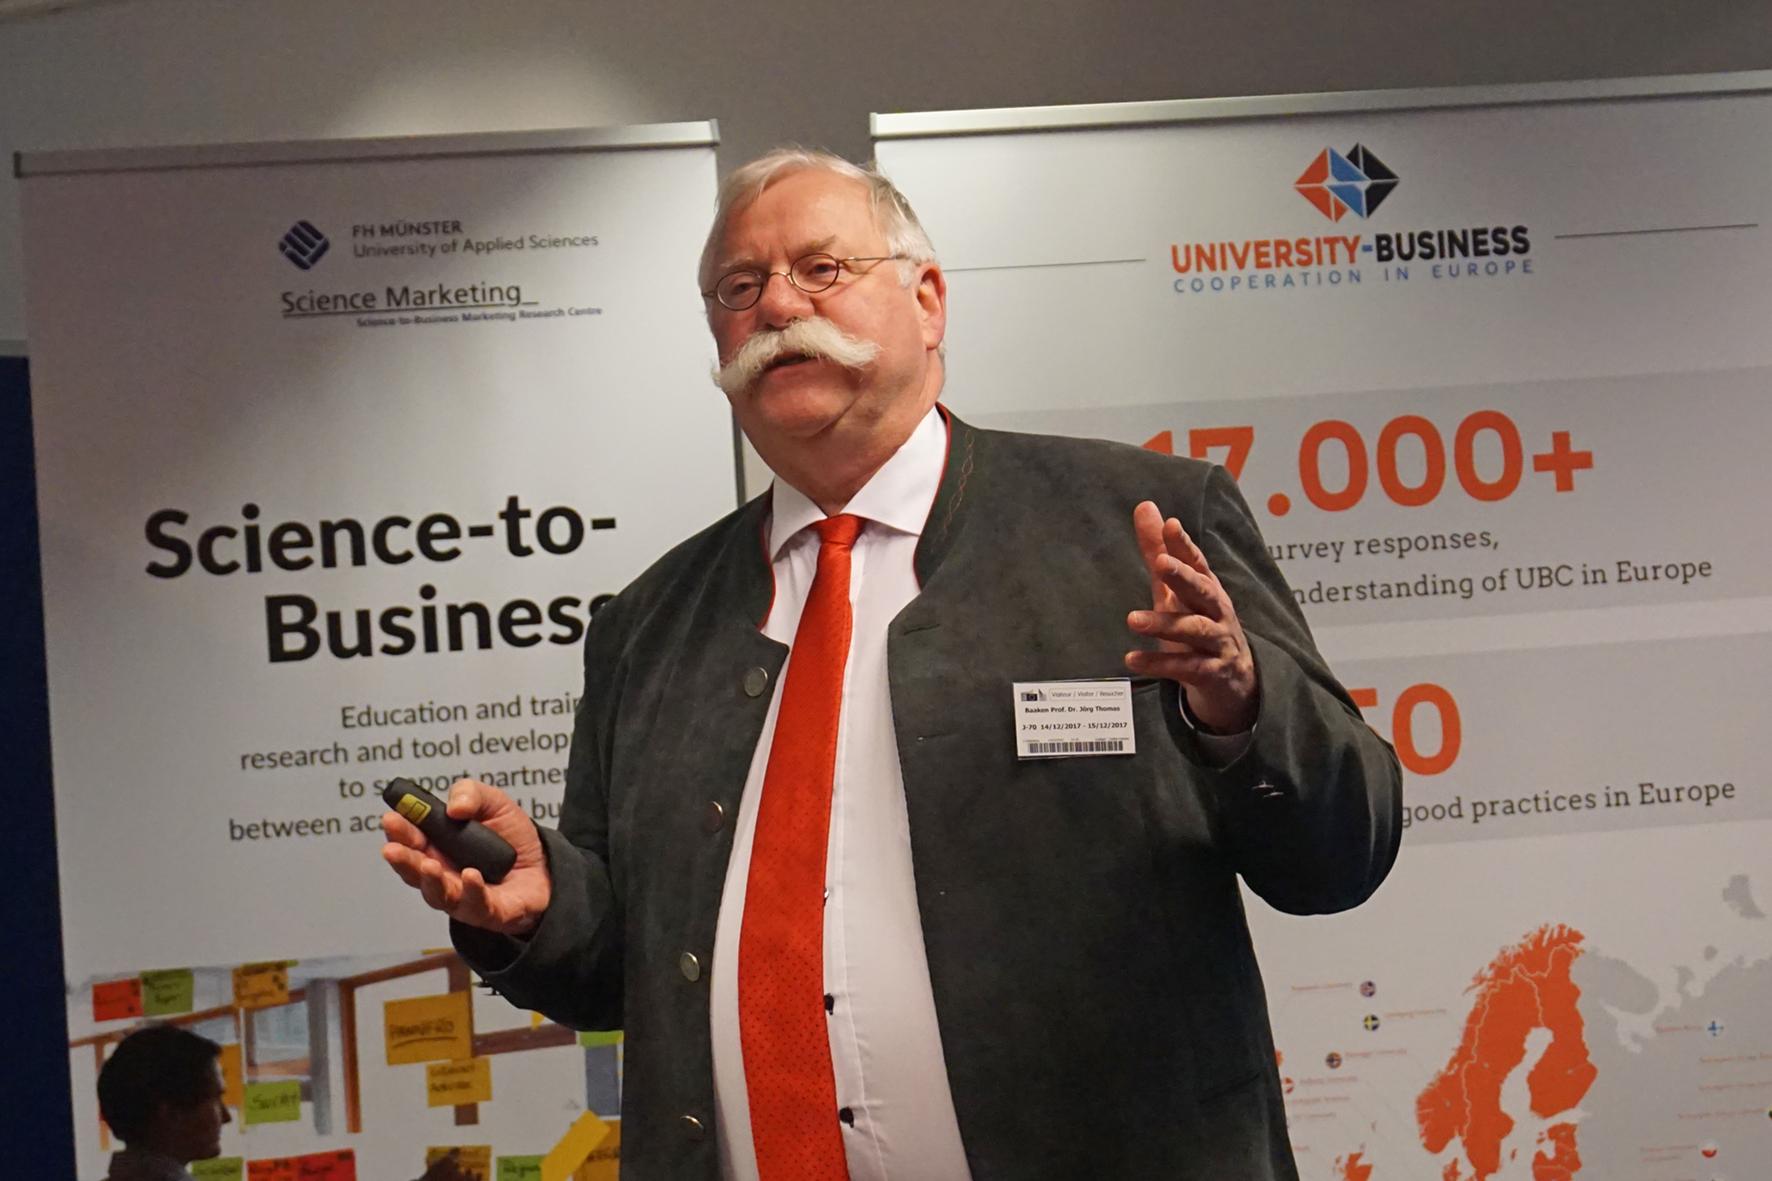 Prof. Dr. Thomas Baaken